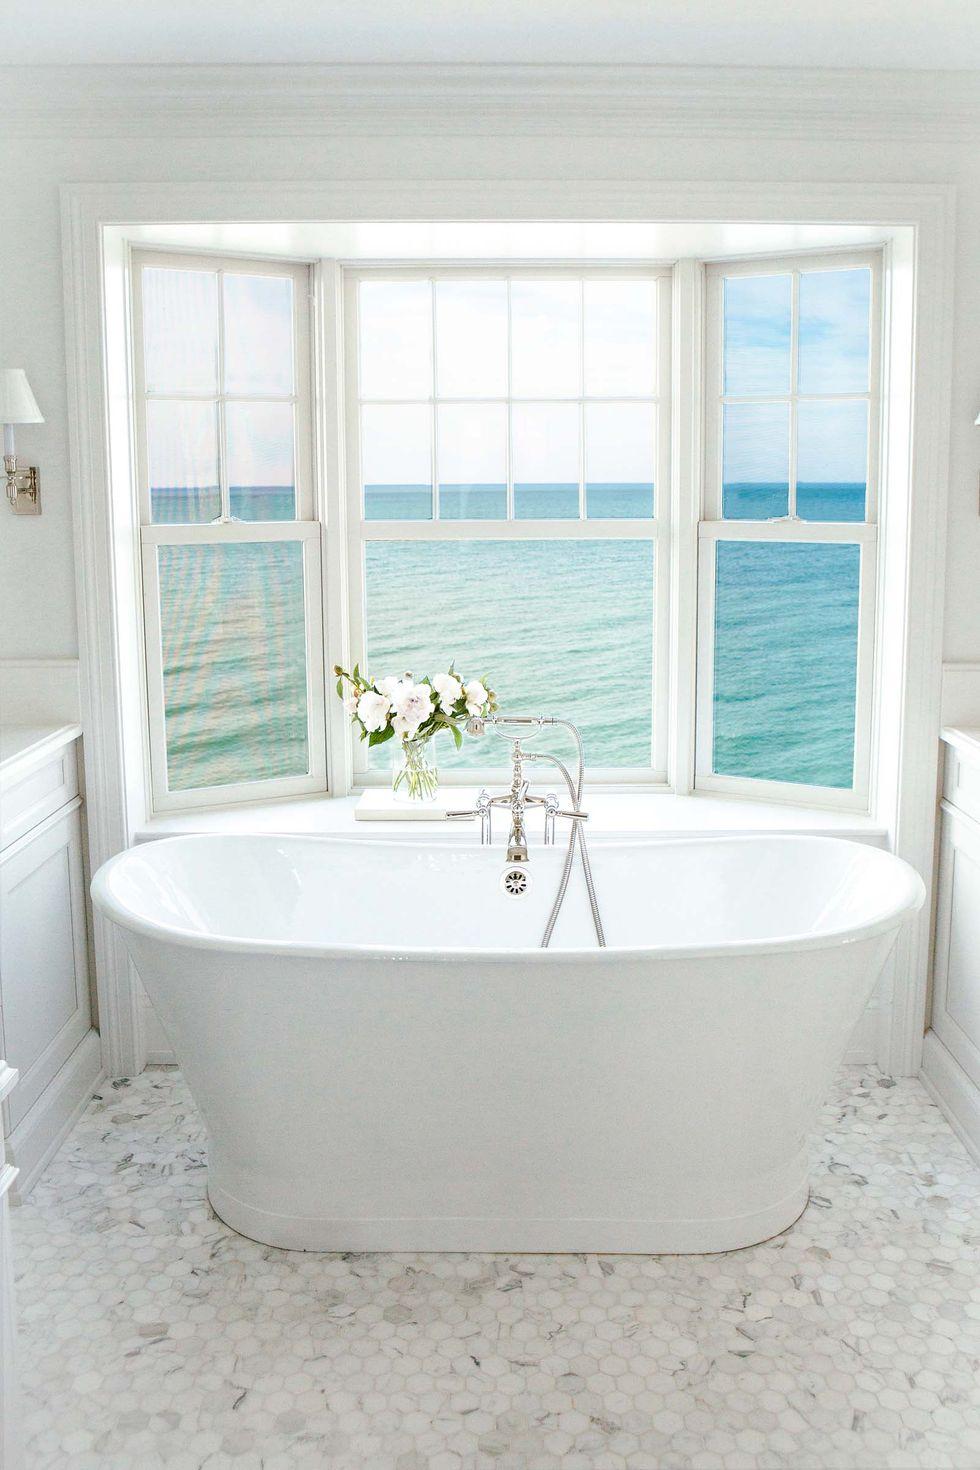 حمام لوکس با چشم انداز اقیانوس